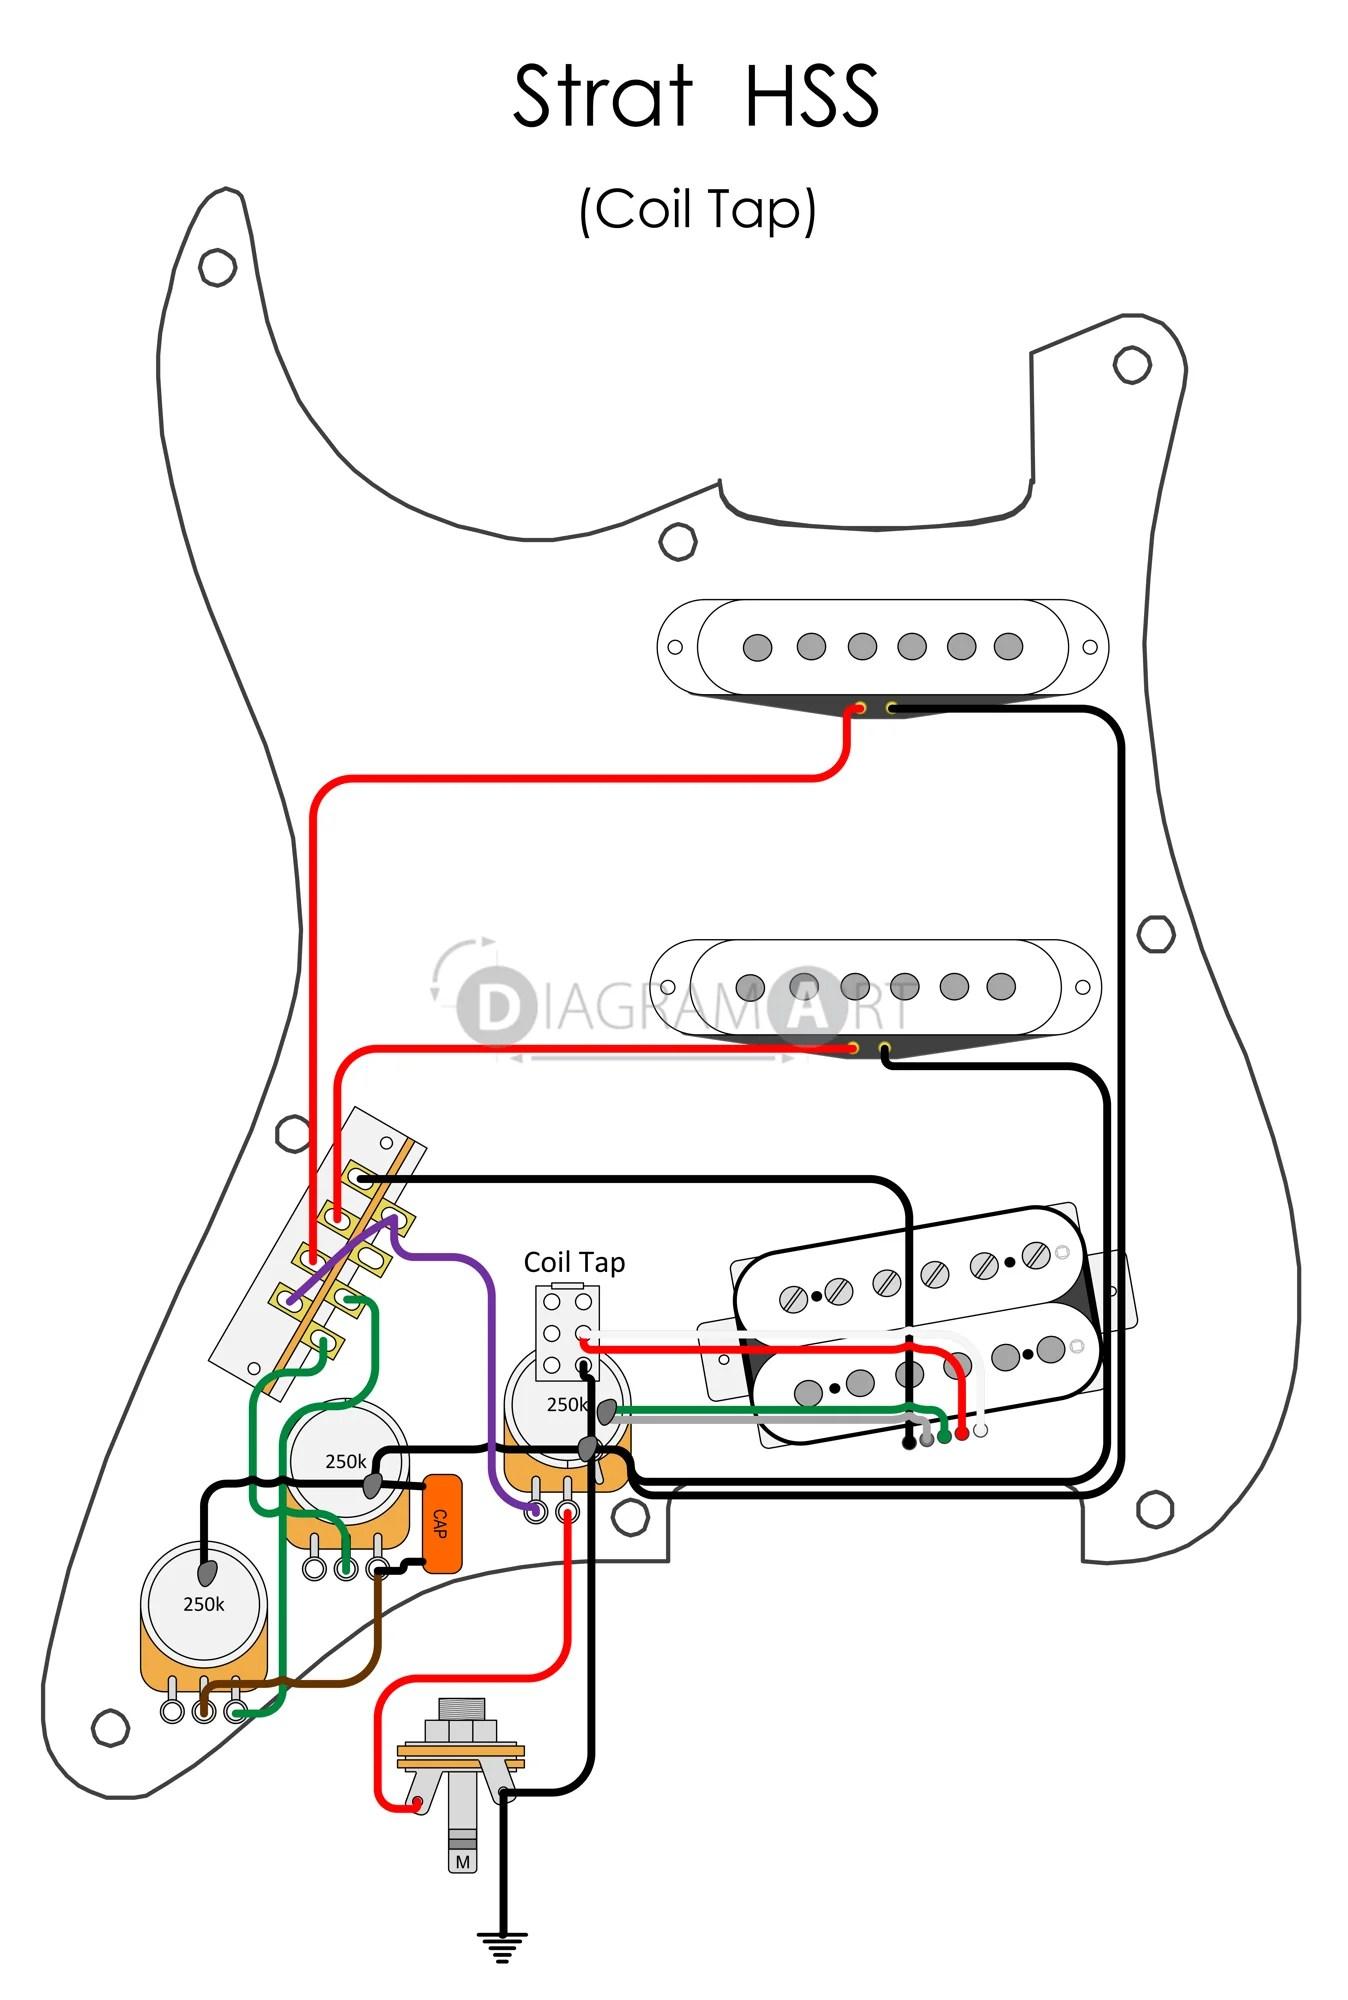 blacktop strat wiring diagram wiring diagramyamaha hss wiring diagram wiring diagram featuredyamaha hss wiring diagram wiring [ 1348 x 2000 Pixel ]